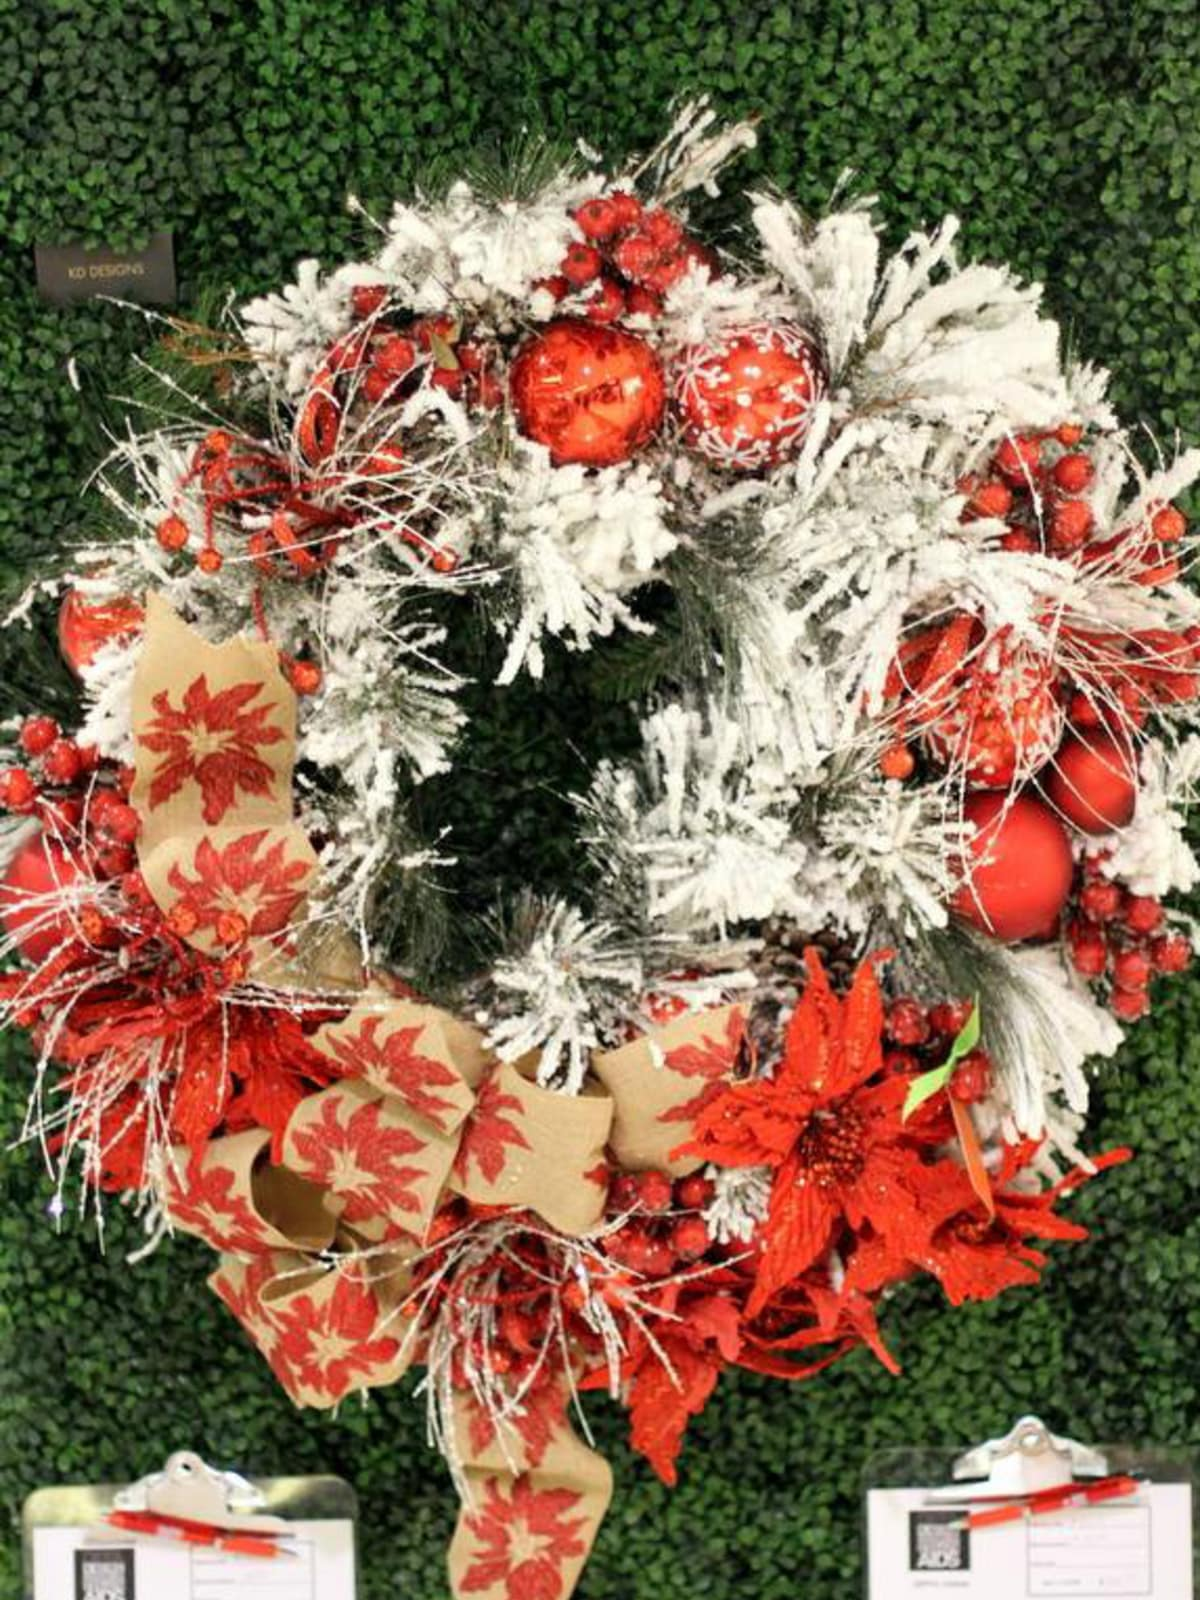 KD Designs wreath for DIFFA 2014